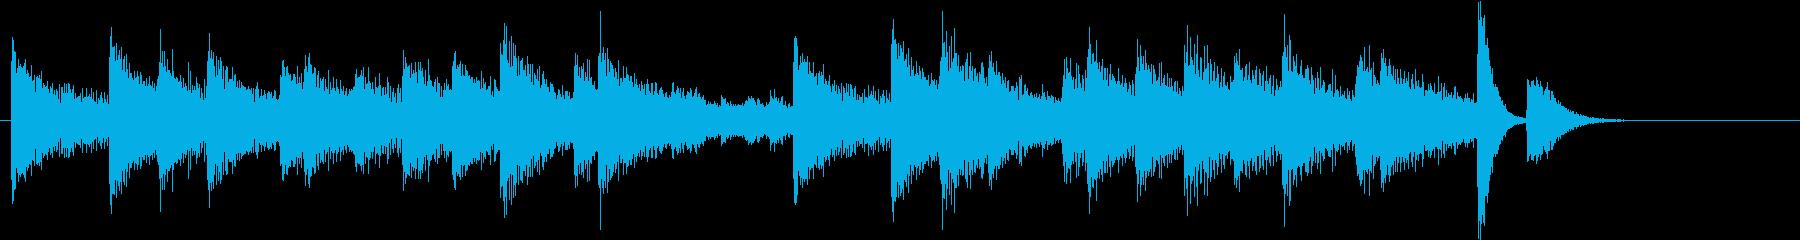 お正月・一月一日モチーフピアノジングルBの再生済みの波形